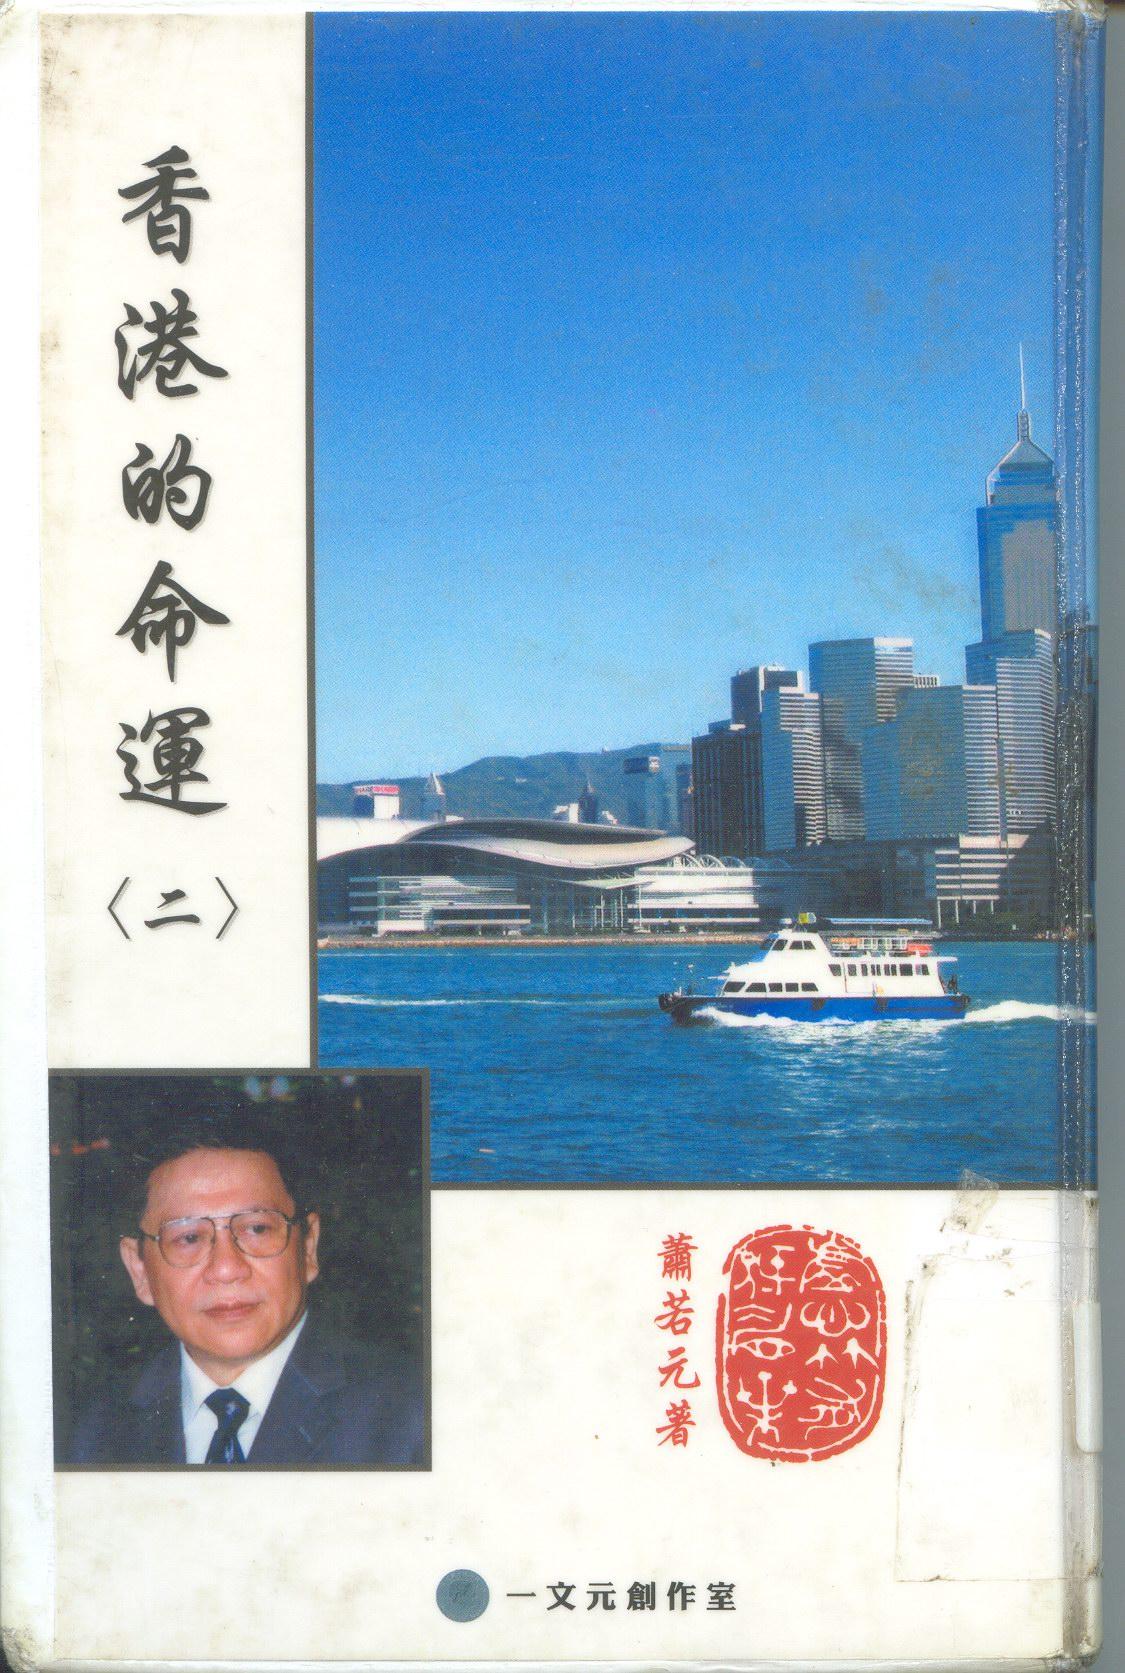 香港的命運 [2]